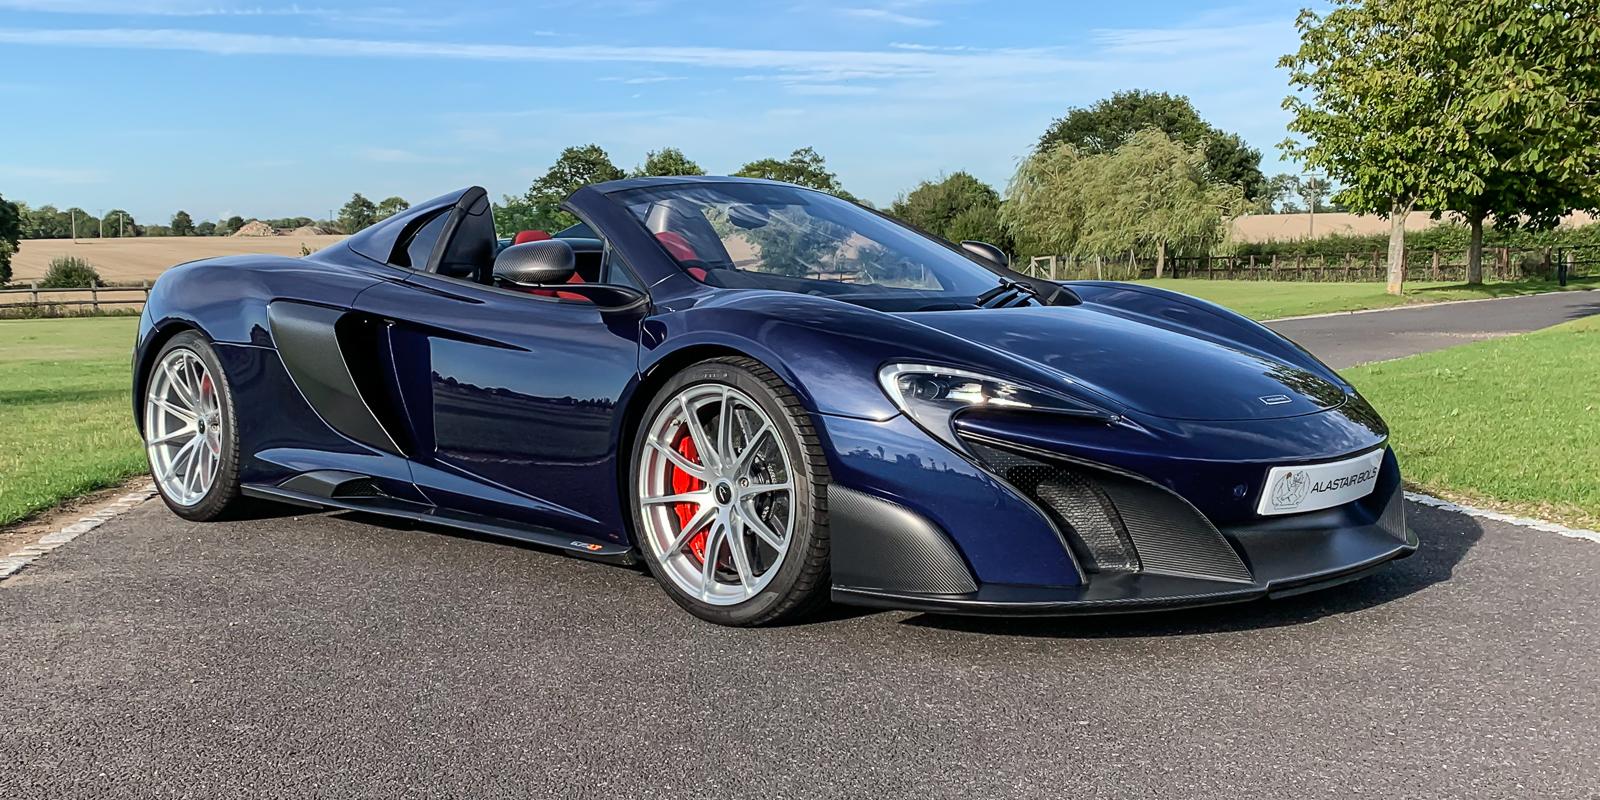 McLaren 675LT Spider – TOUR de FRANCE BLUE